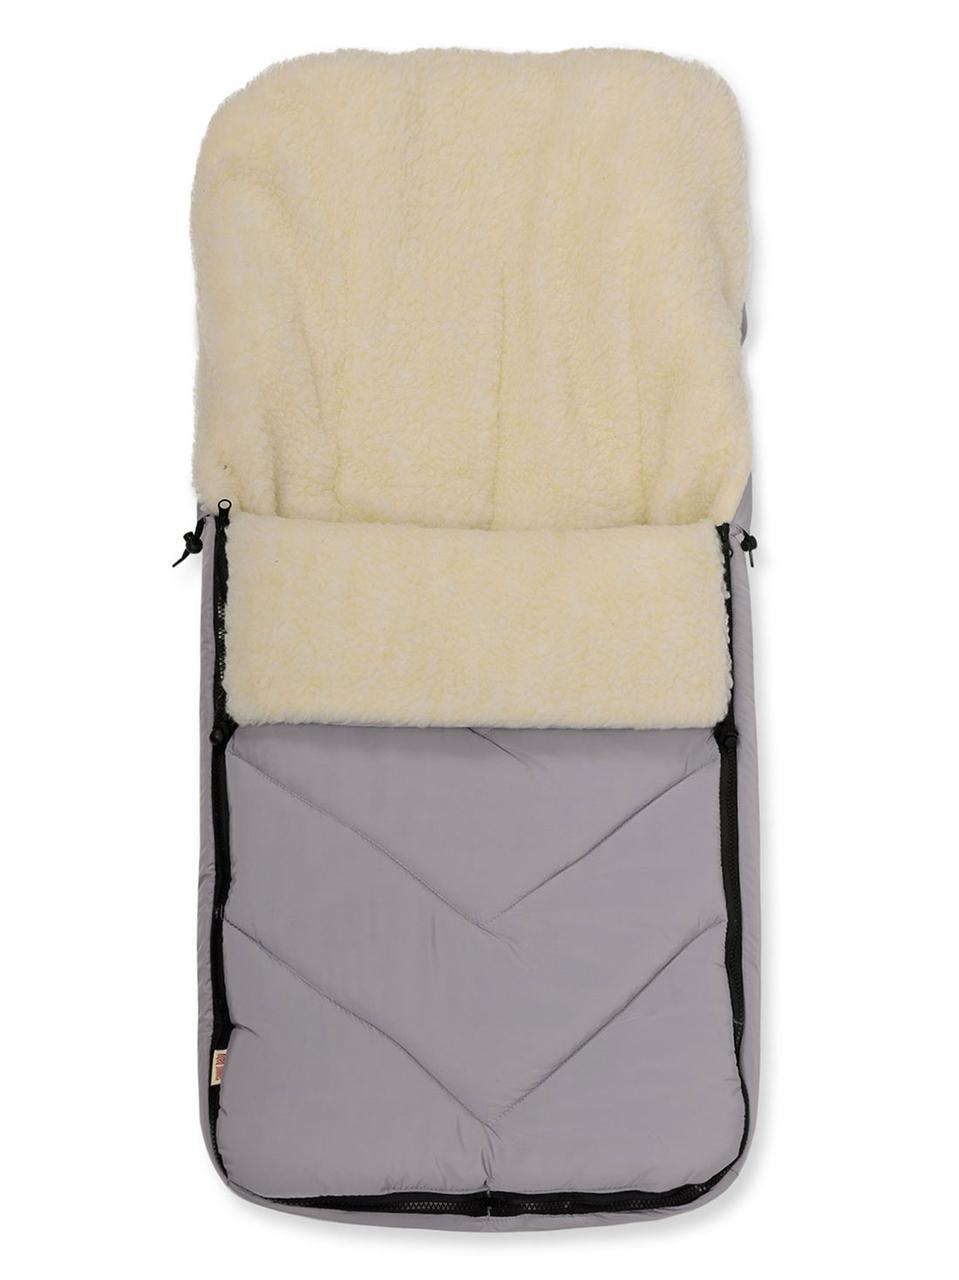 Зимний детский конверт на меху в санки коляску, светло-серый